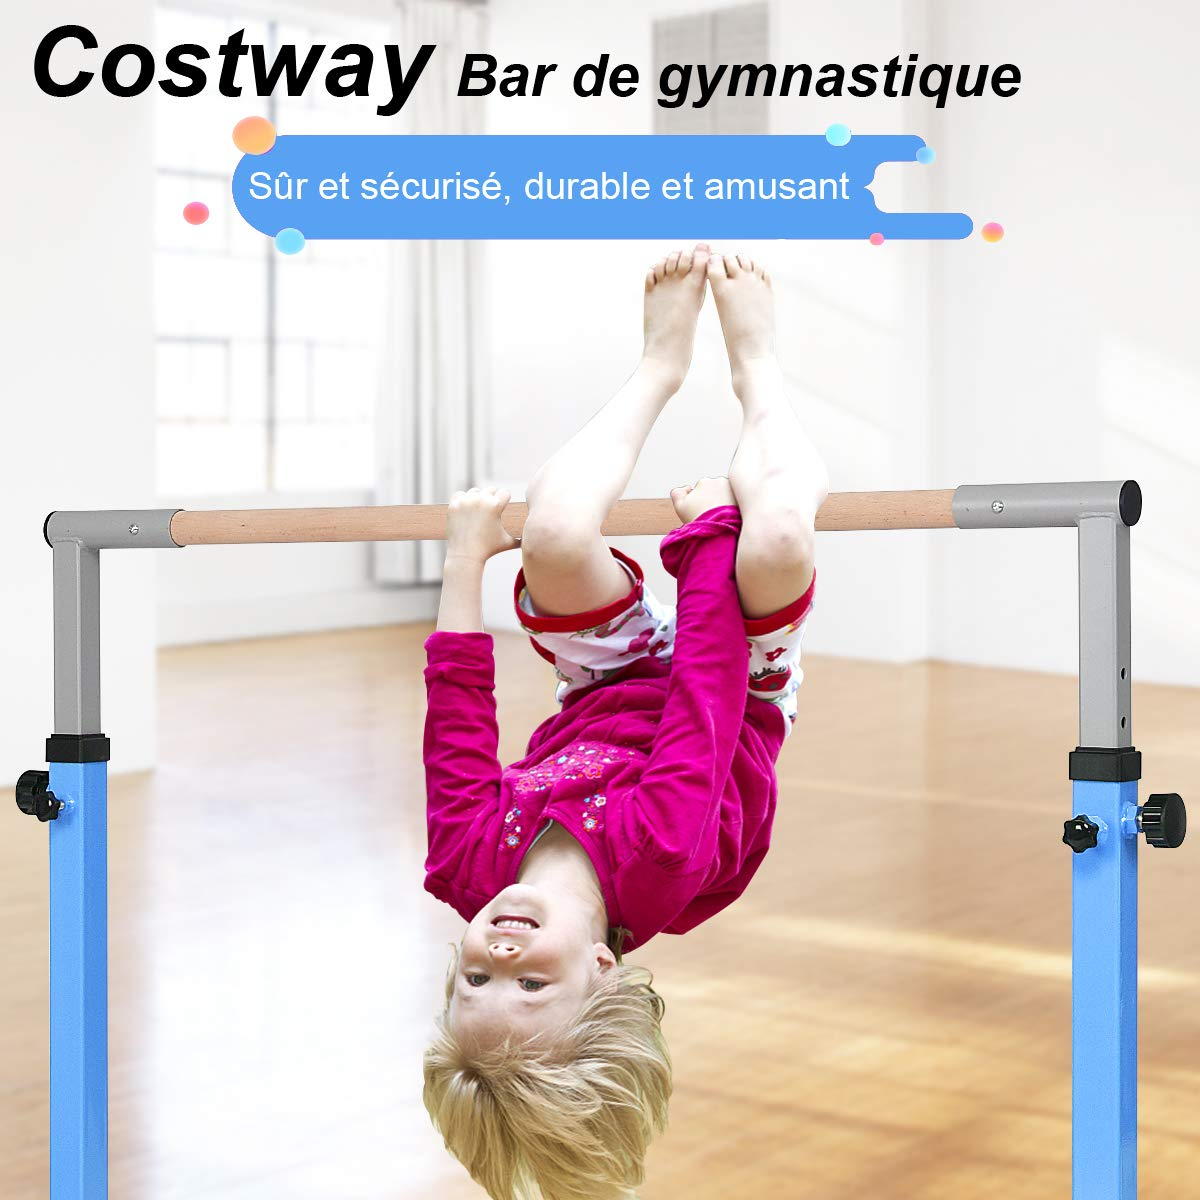 COSTWAY Barre Gymnastique en Acier Hauteur R/églable de 91 /à 150CM Capacit/é de poids100KG pour Ecole Maison Jardin Diam/ètre 4CM